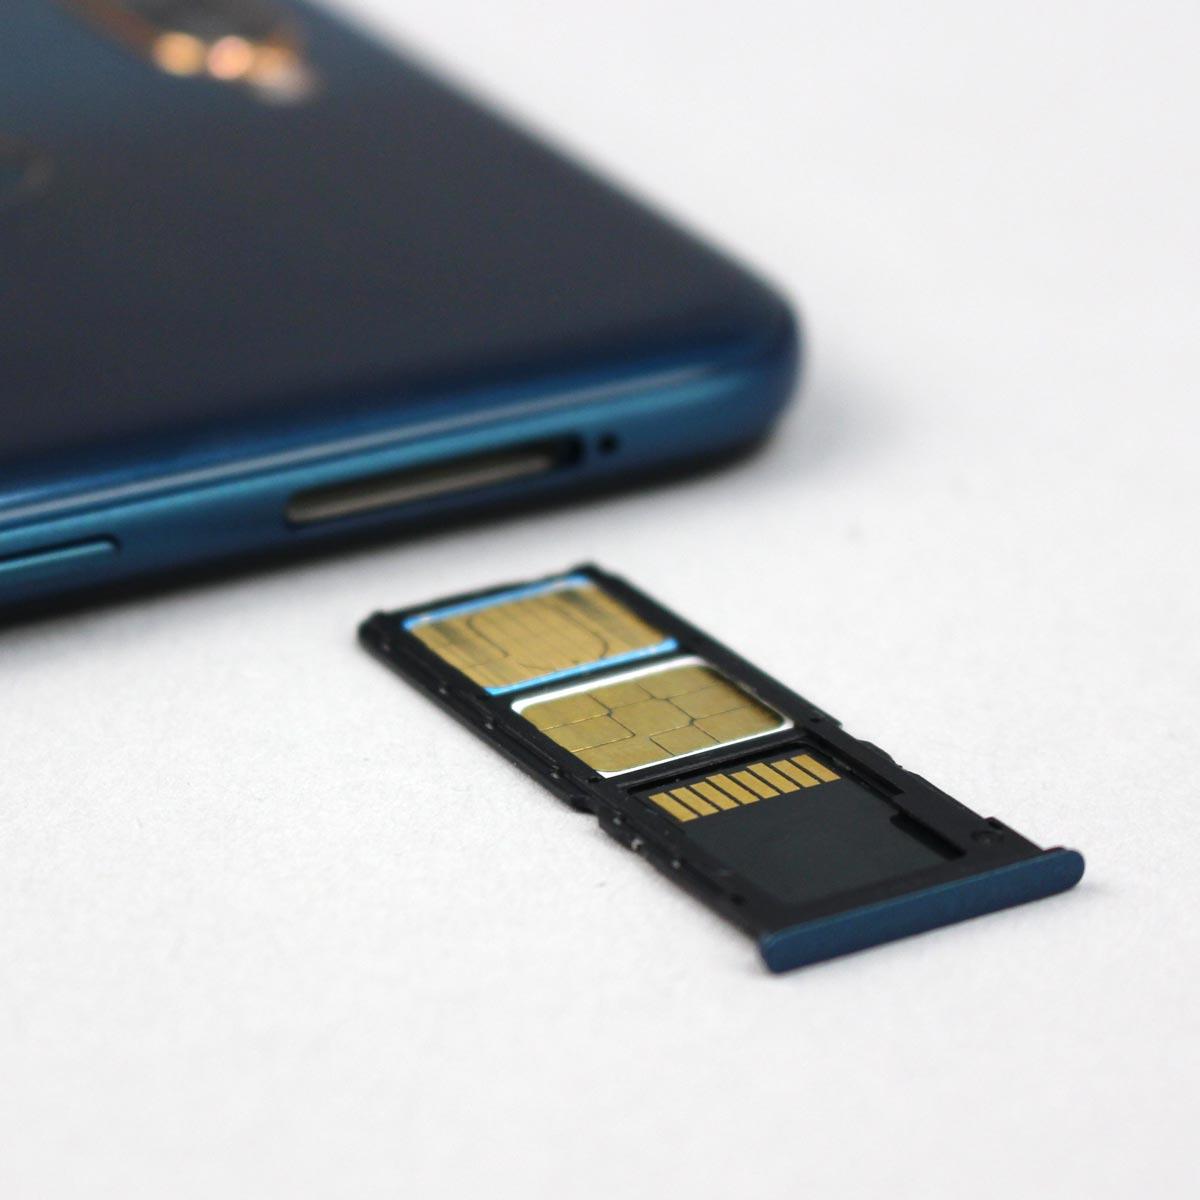 2枚のSIMカードを自在に使い分けられる、DSDV対応スマホカタログ(2020年10月更新)